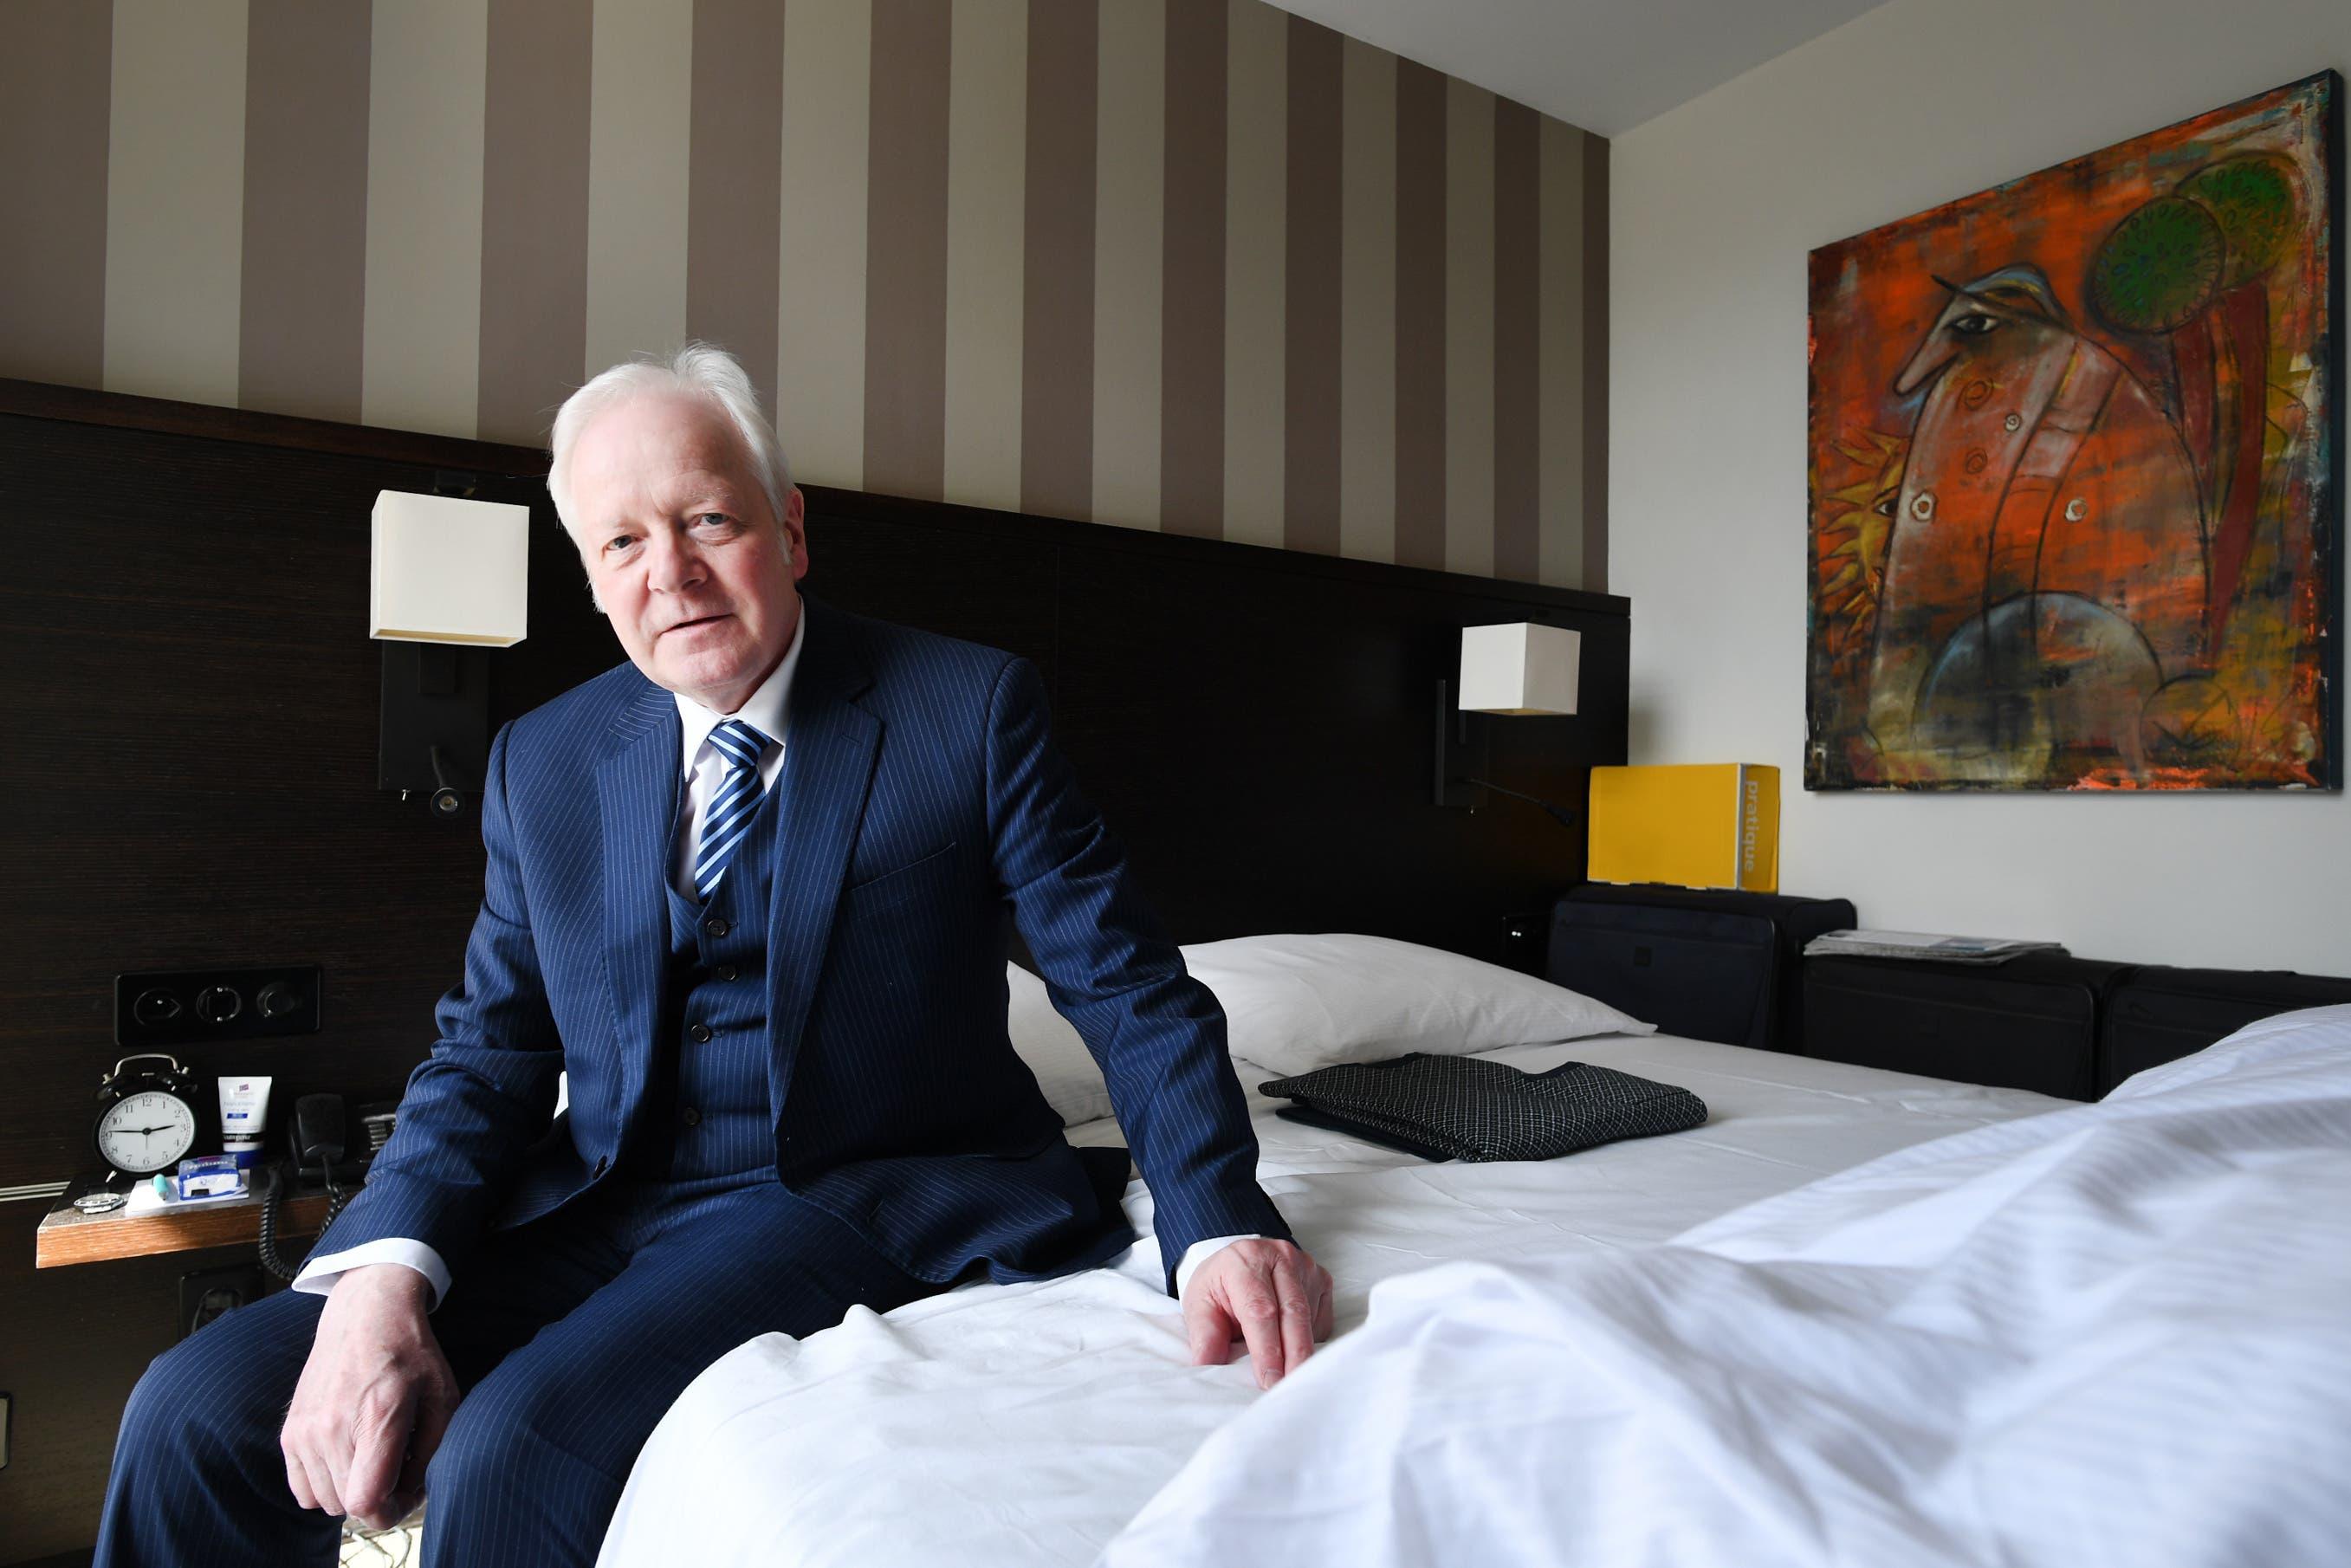 Fritz Schenkel, Hotelier aus Hanoi, wohnt seit dem 17. April 2020 im Park Hotel in Zimmer 406 in Winterthur.